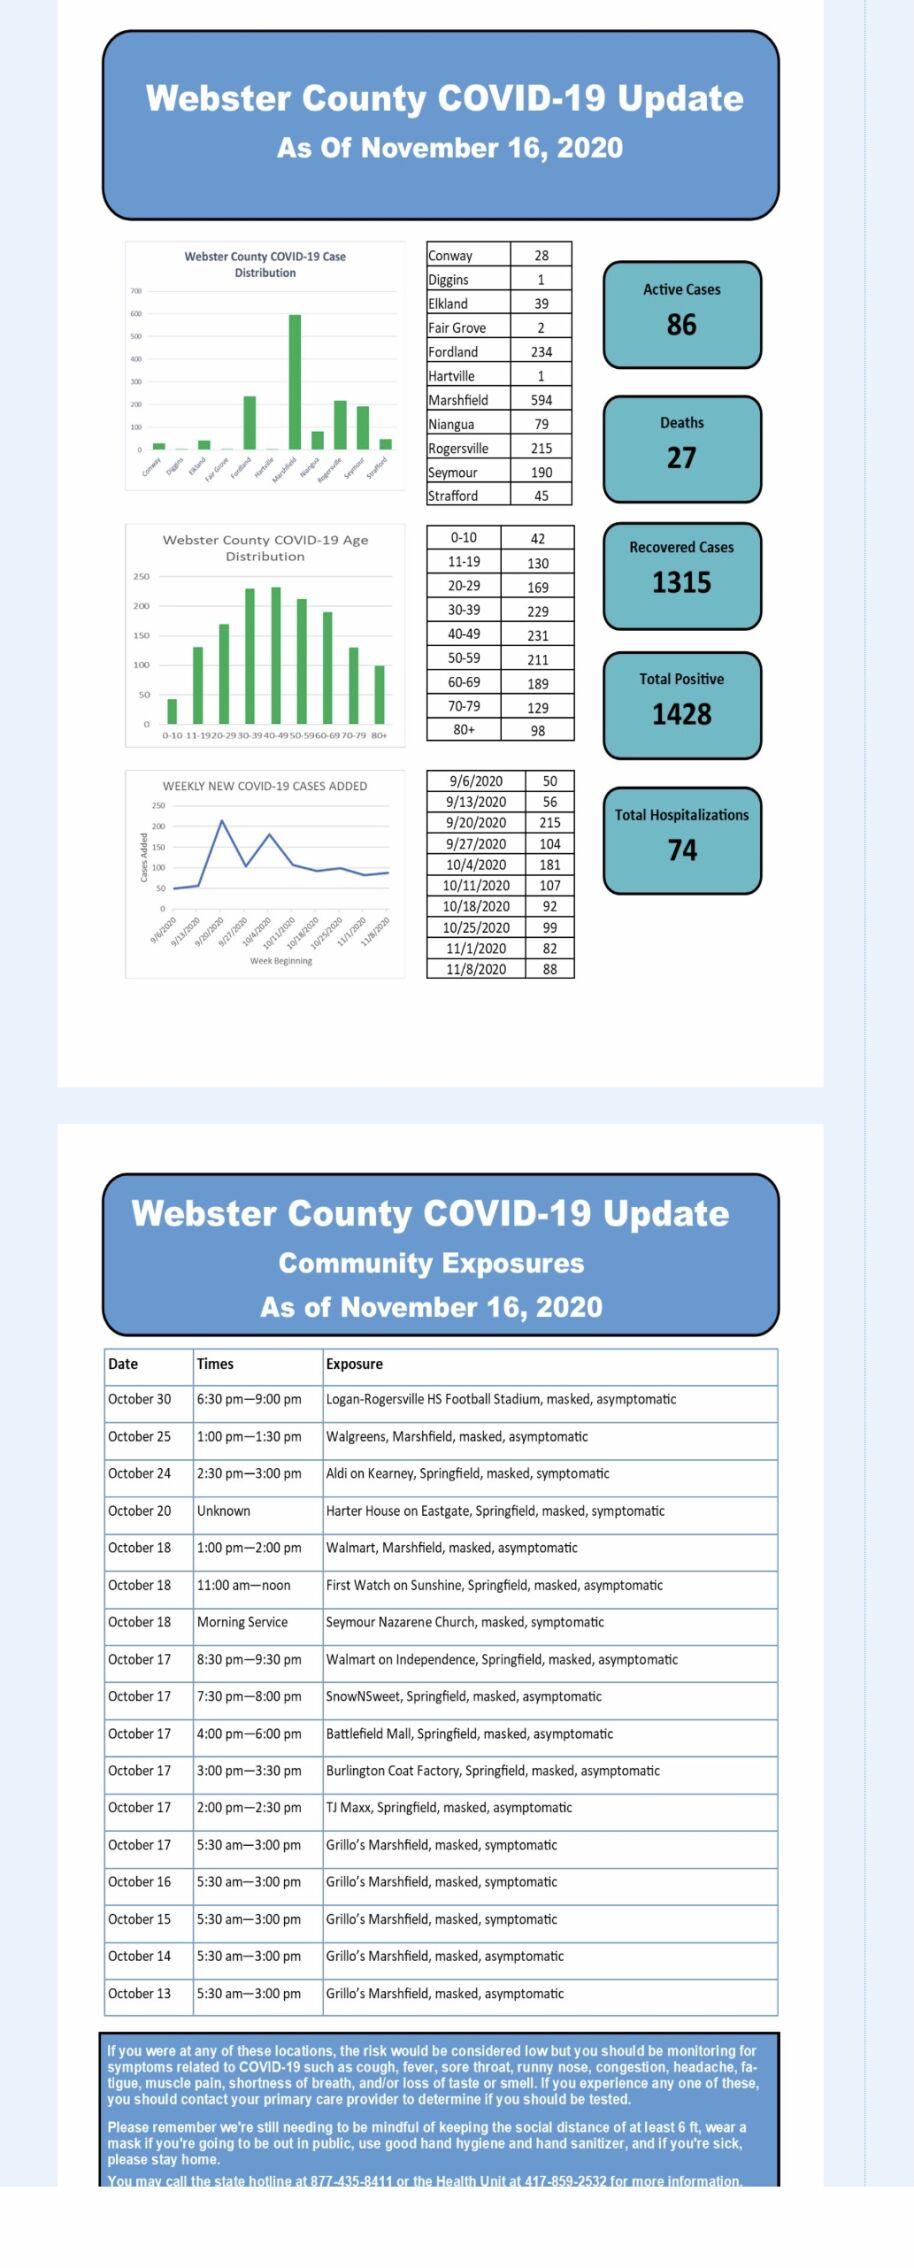 - COVID-19 cases Nov. 16 Web. Co.